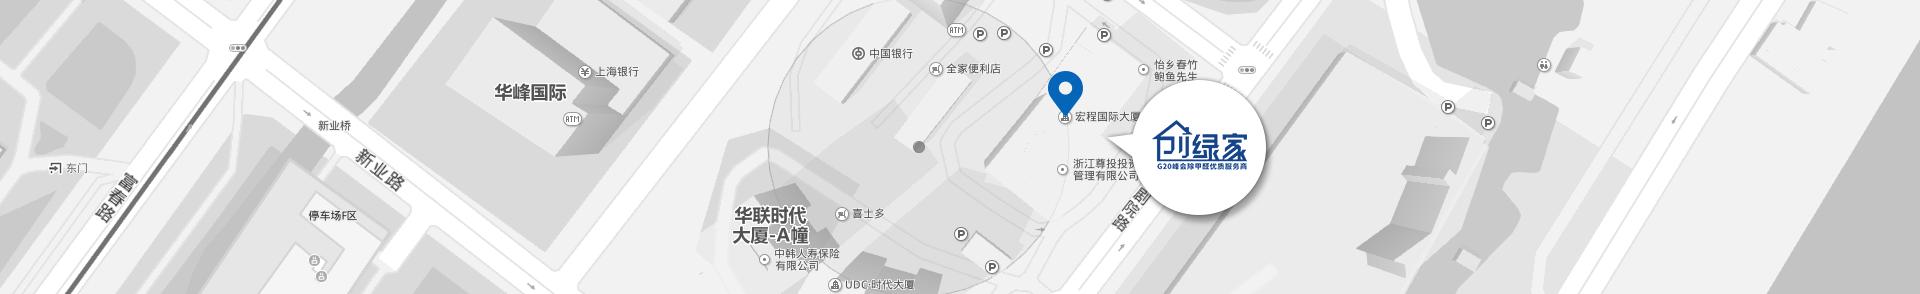 公司地址图